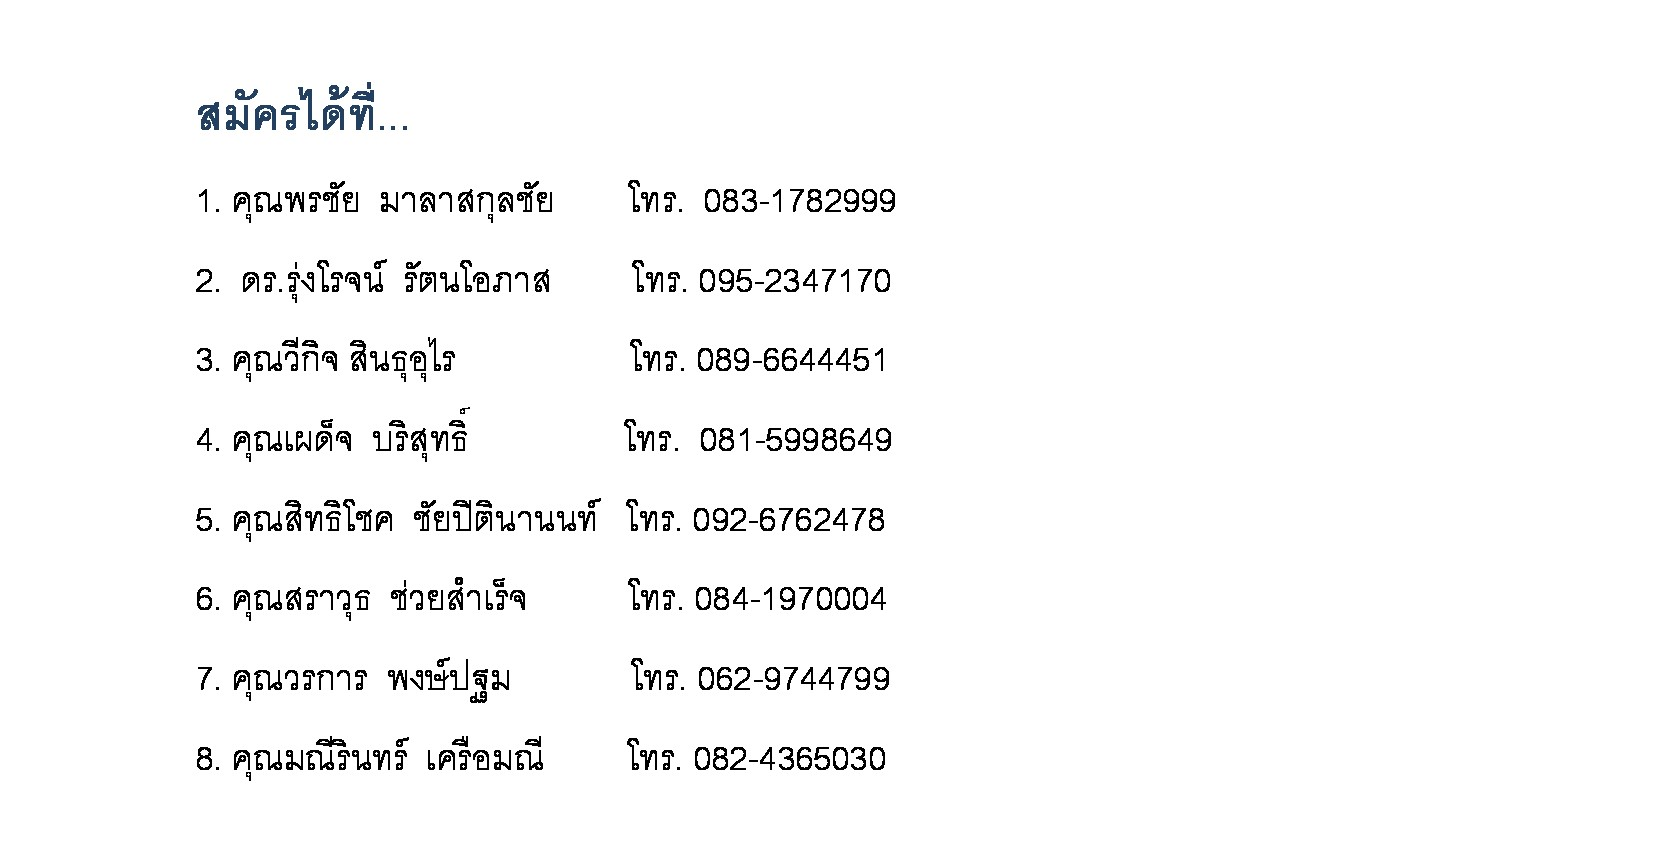 f3d57847106948b392b2cd0a0b5a1bd7-3